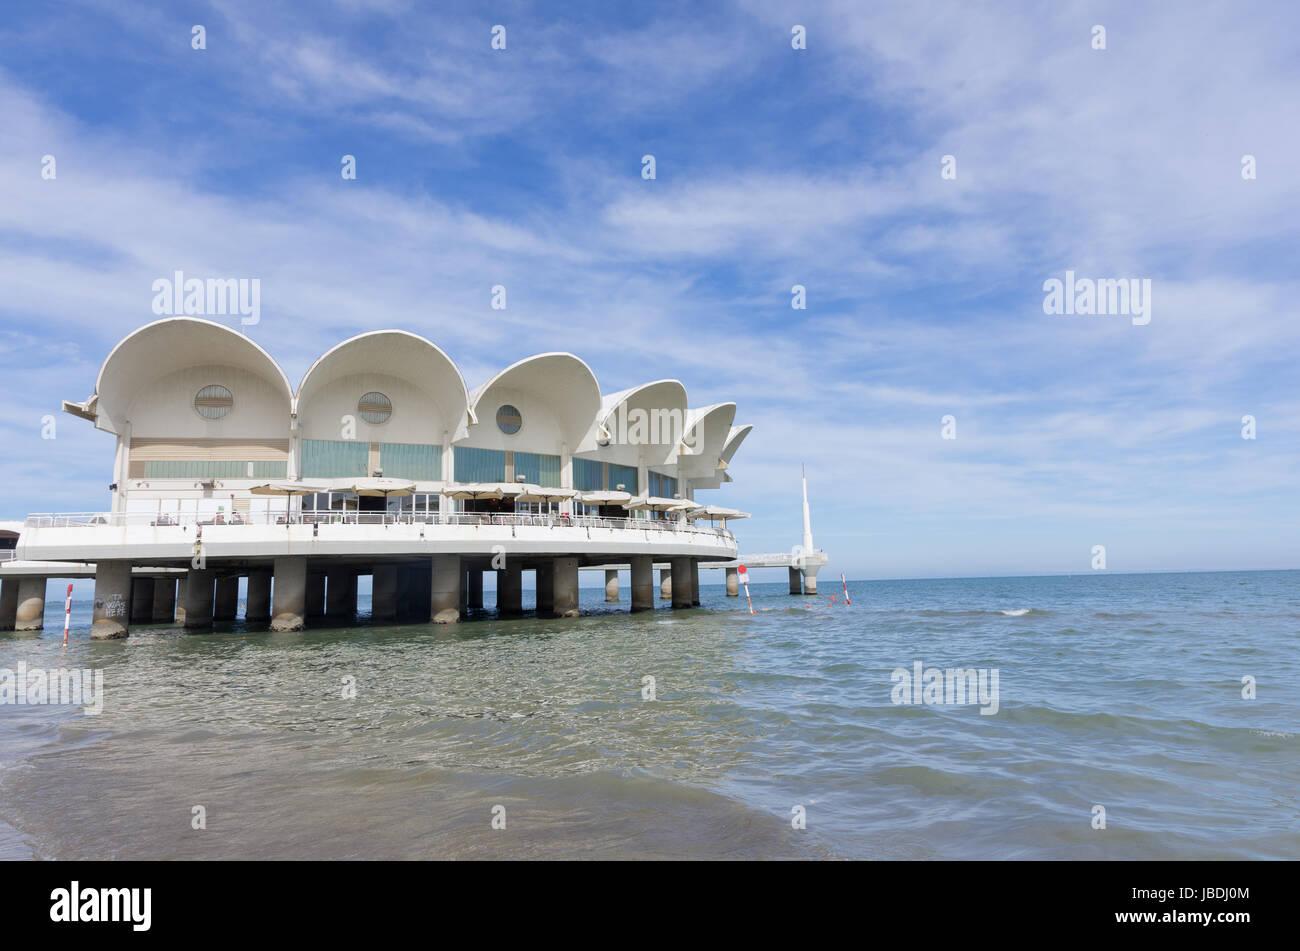 La terrazza a mare un simbolo della citt di Lignano